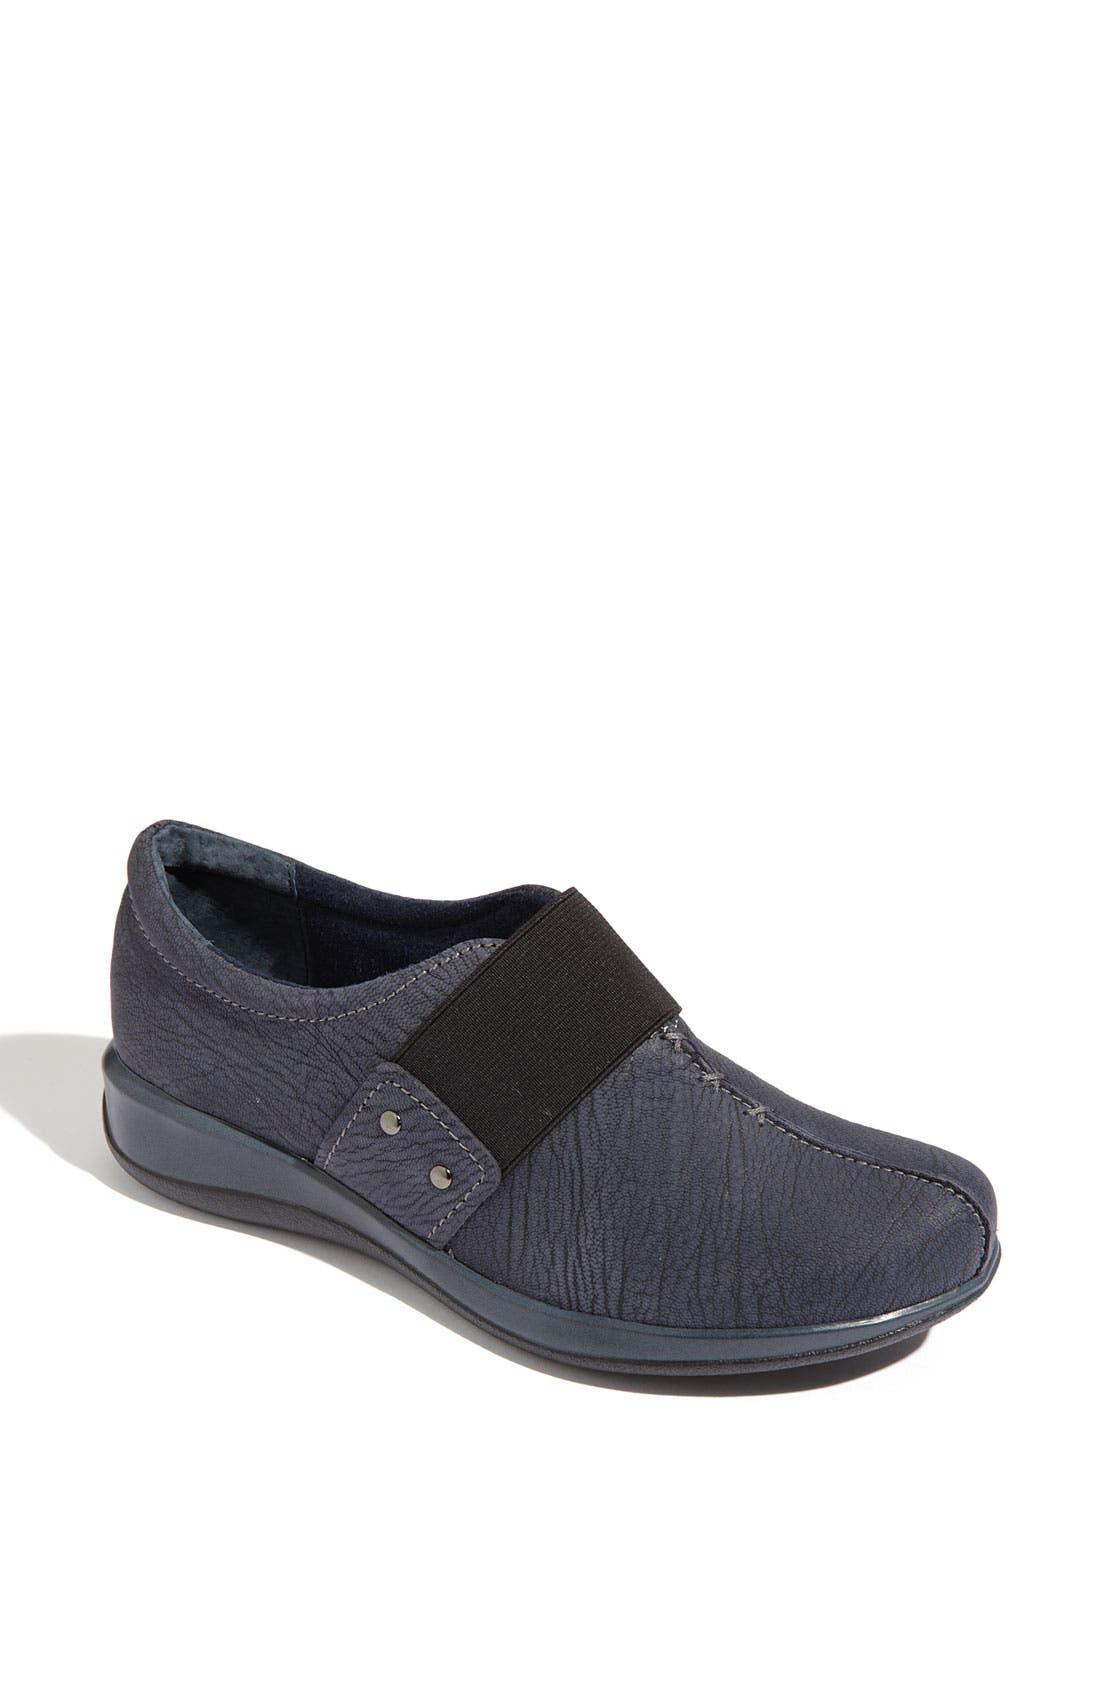 Main Image - SoftWalk® 'Tanner' Loafer